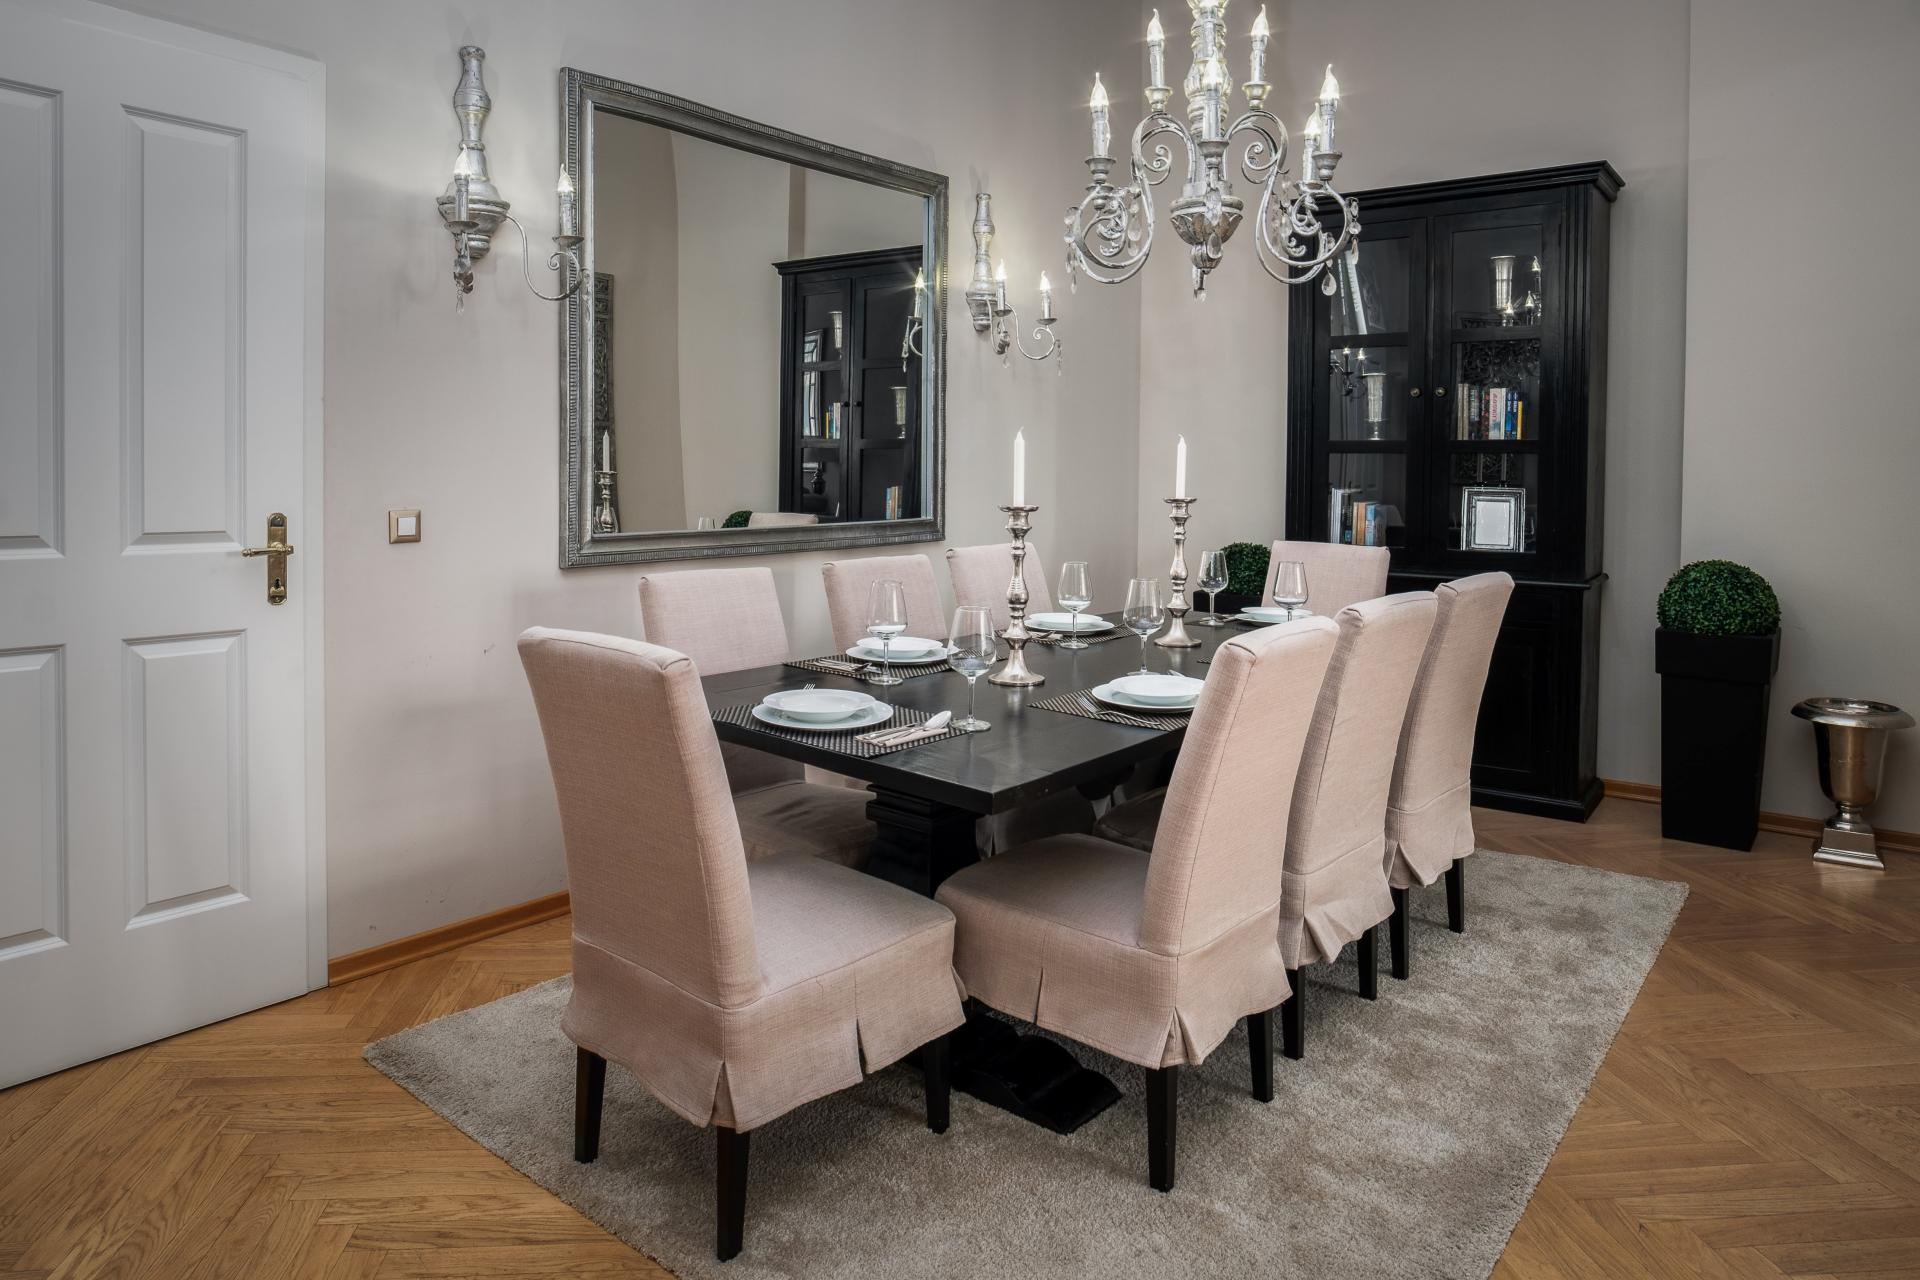 Grand dining room at  Palacina Berlin Apartments - Citybase Apartments